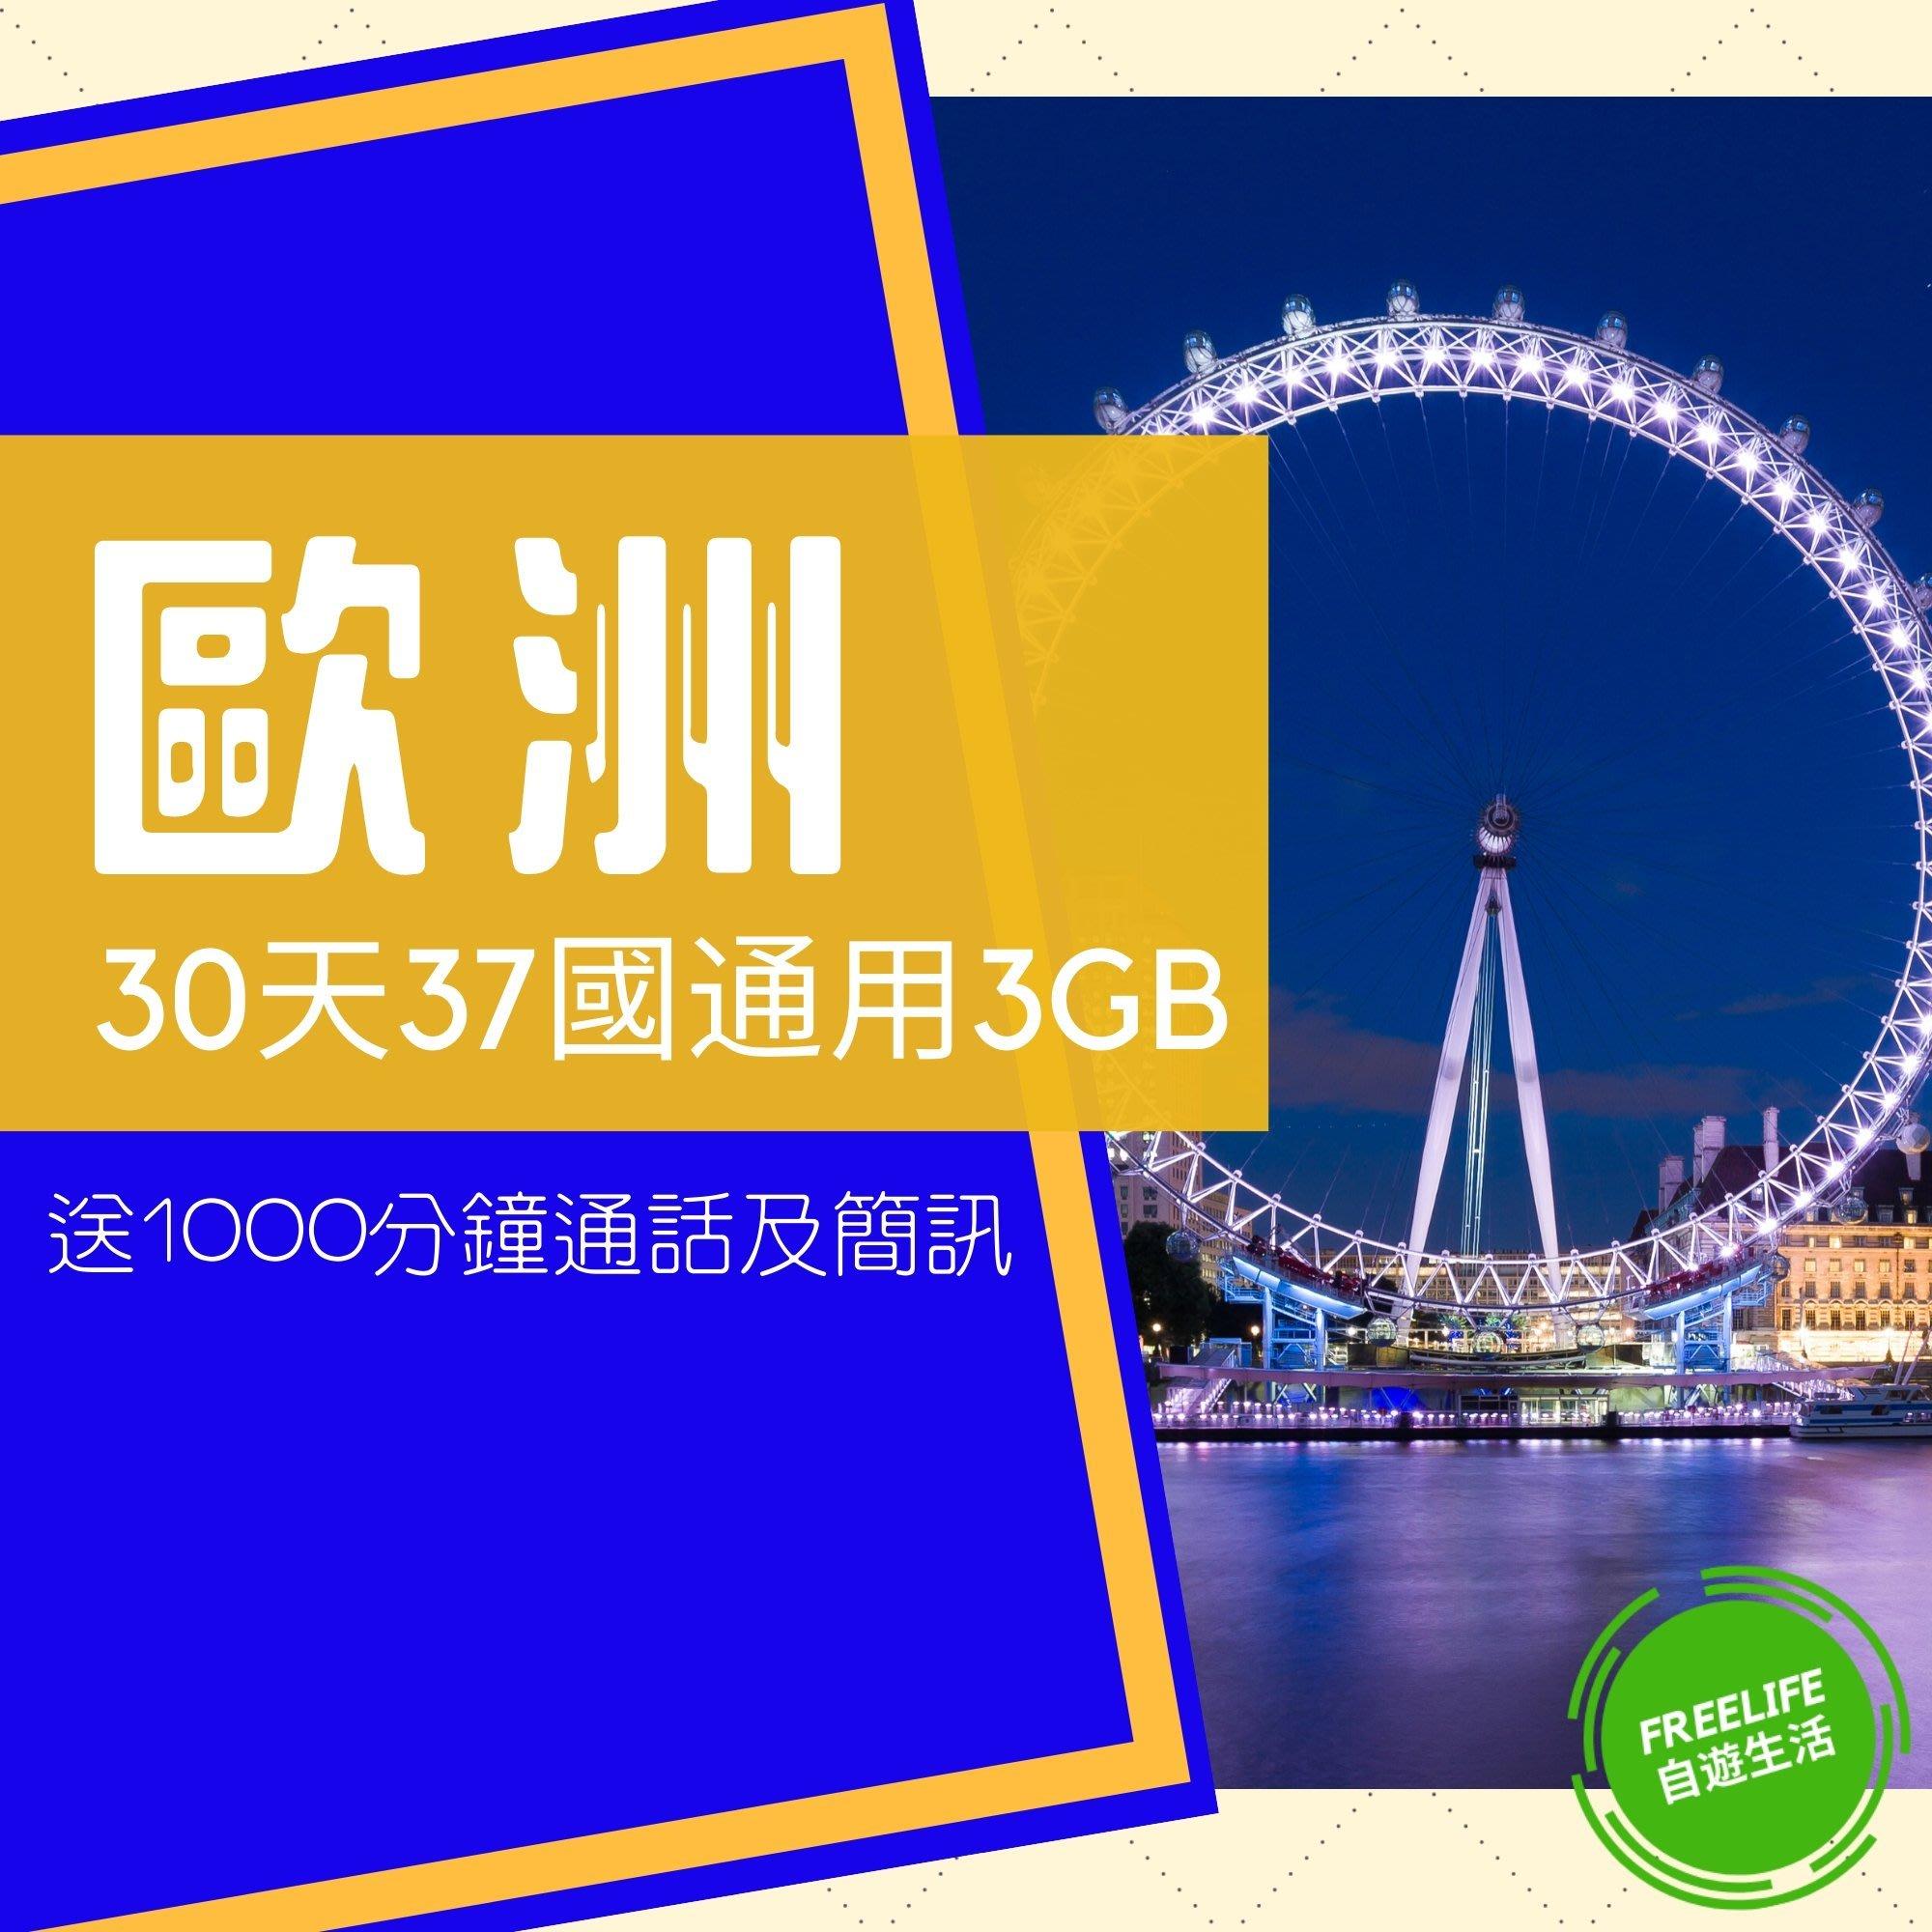 歐洲30天37國3GB上網卡!手機卡 WIFI 電話卡 英國 德國 法國 奧地利 義大利 SIM行動上網 歐洲上網卡